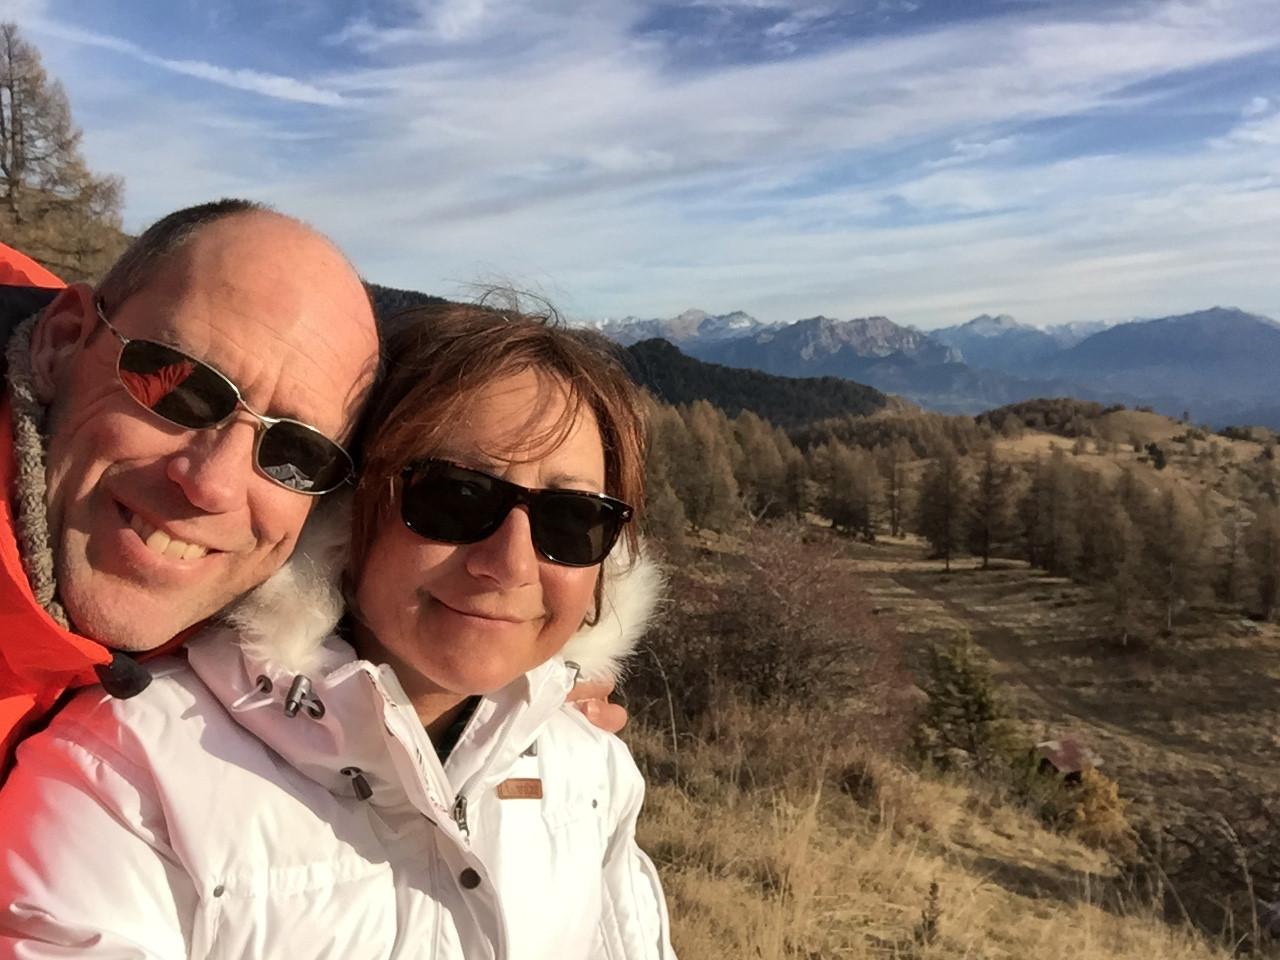 Chambres et Maison d'hôtes de la Coustille dans les Hautes-Alpes